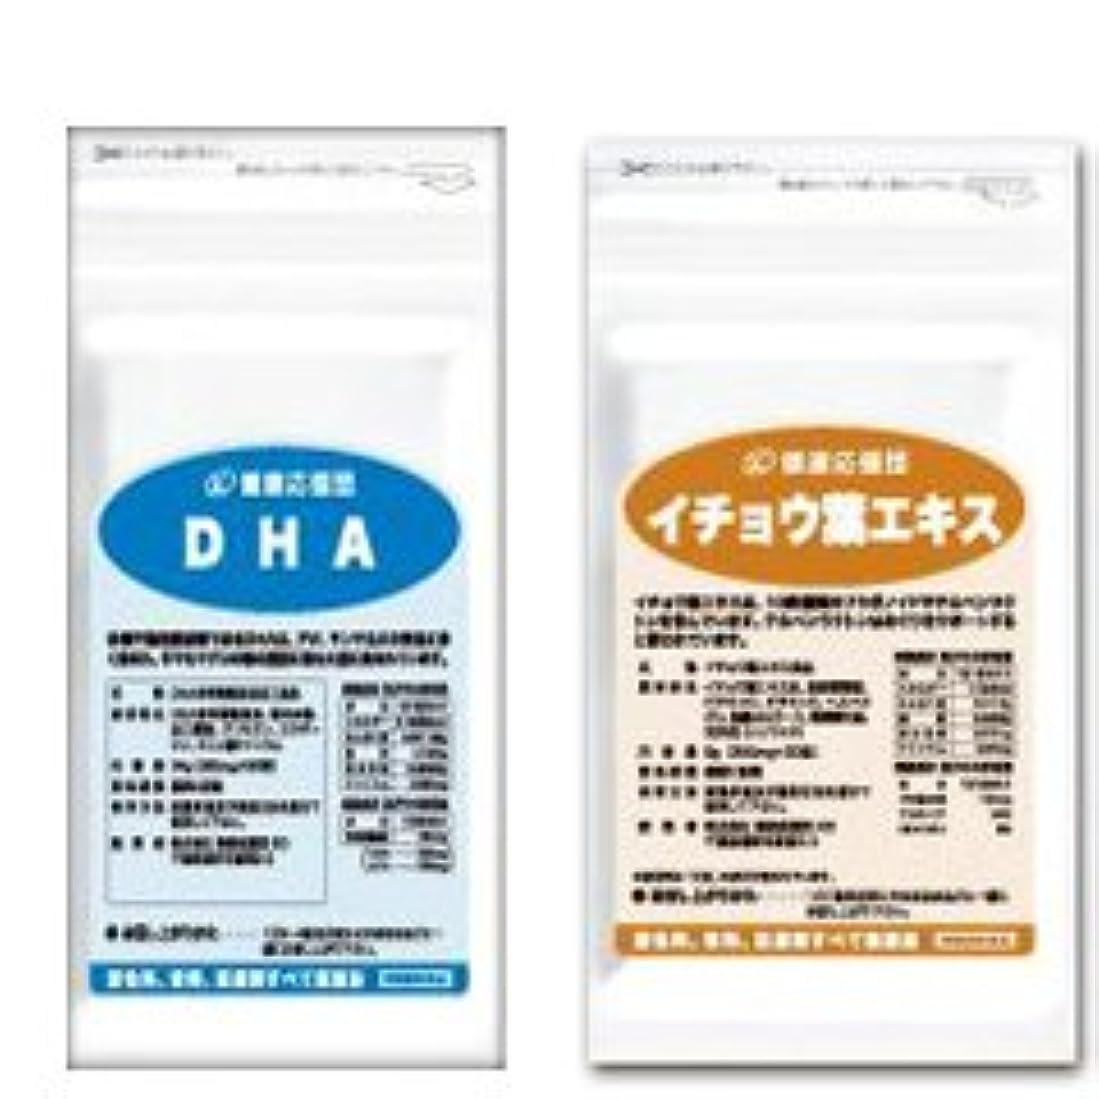 明らか表面制裁(お徳用3か月分)サラサラ巡りセット DHA + イチョウ葉エキス 3袋&3袋セット(DHA?EPA?イチョウ葉?ビタミンC?ビタミンE?ビタミンP配合)